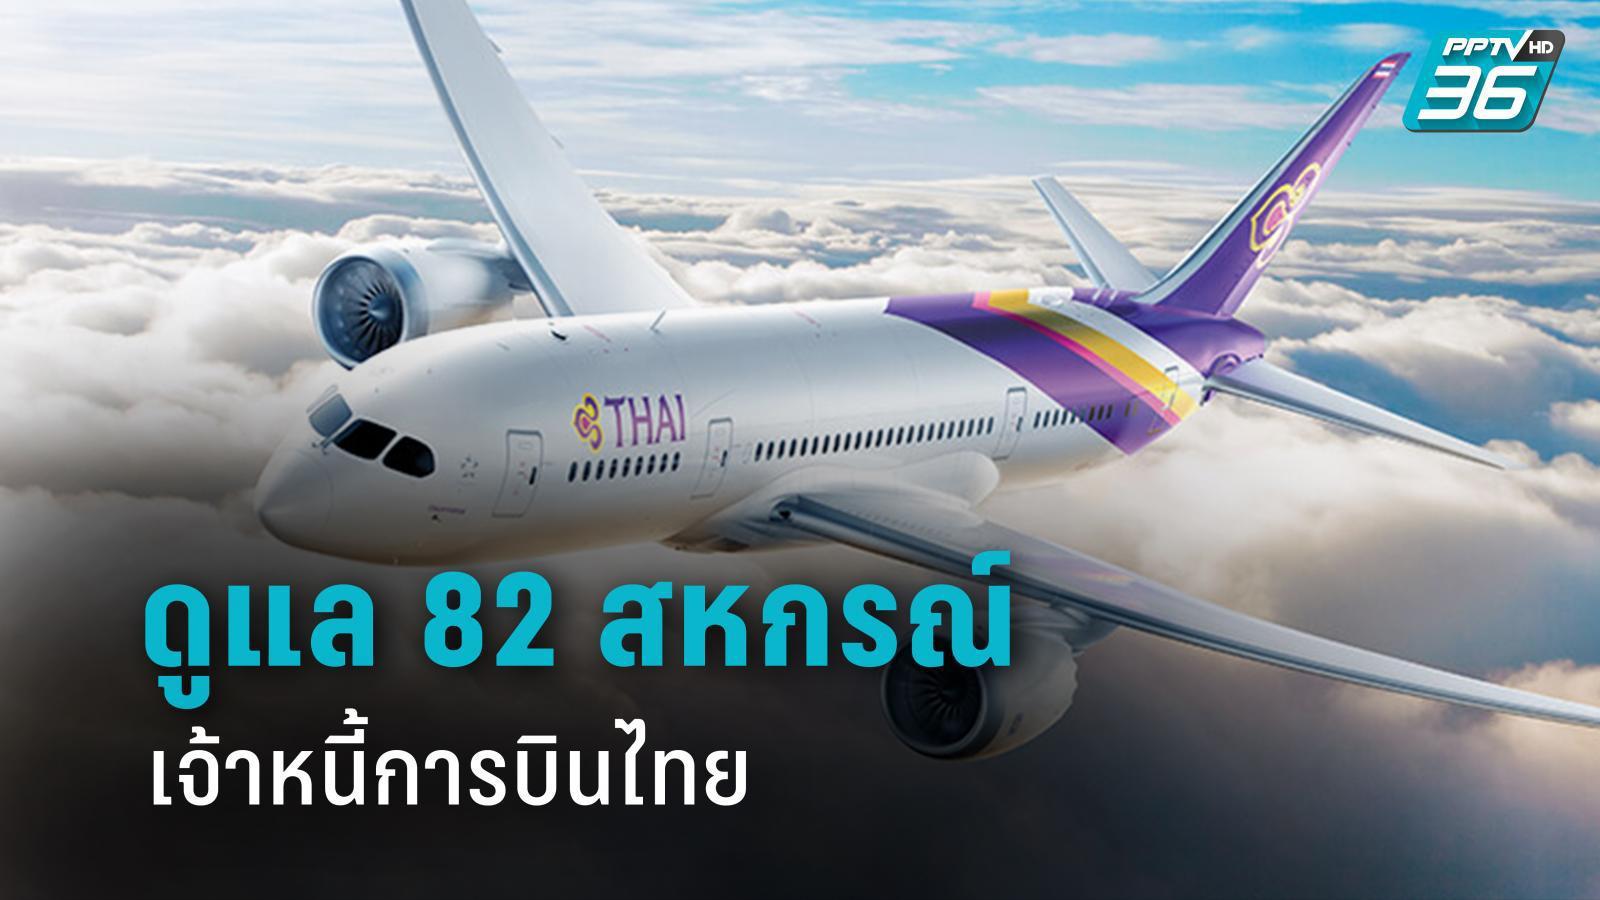 """""""มนัญญา"""" เผย กสส.เตรียมดูแล 82 สหกรณ์เจ้าหนี้บินไทย หวังสมาชิกเบาใจ-ไม่แห่ถอนเงิน"""